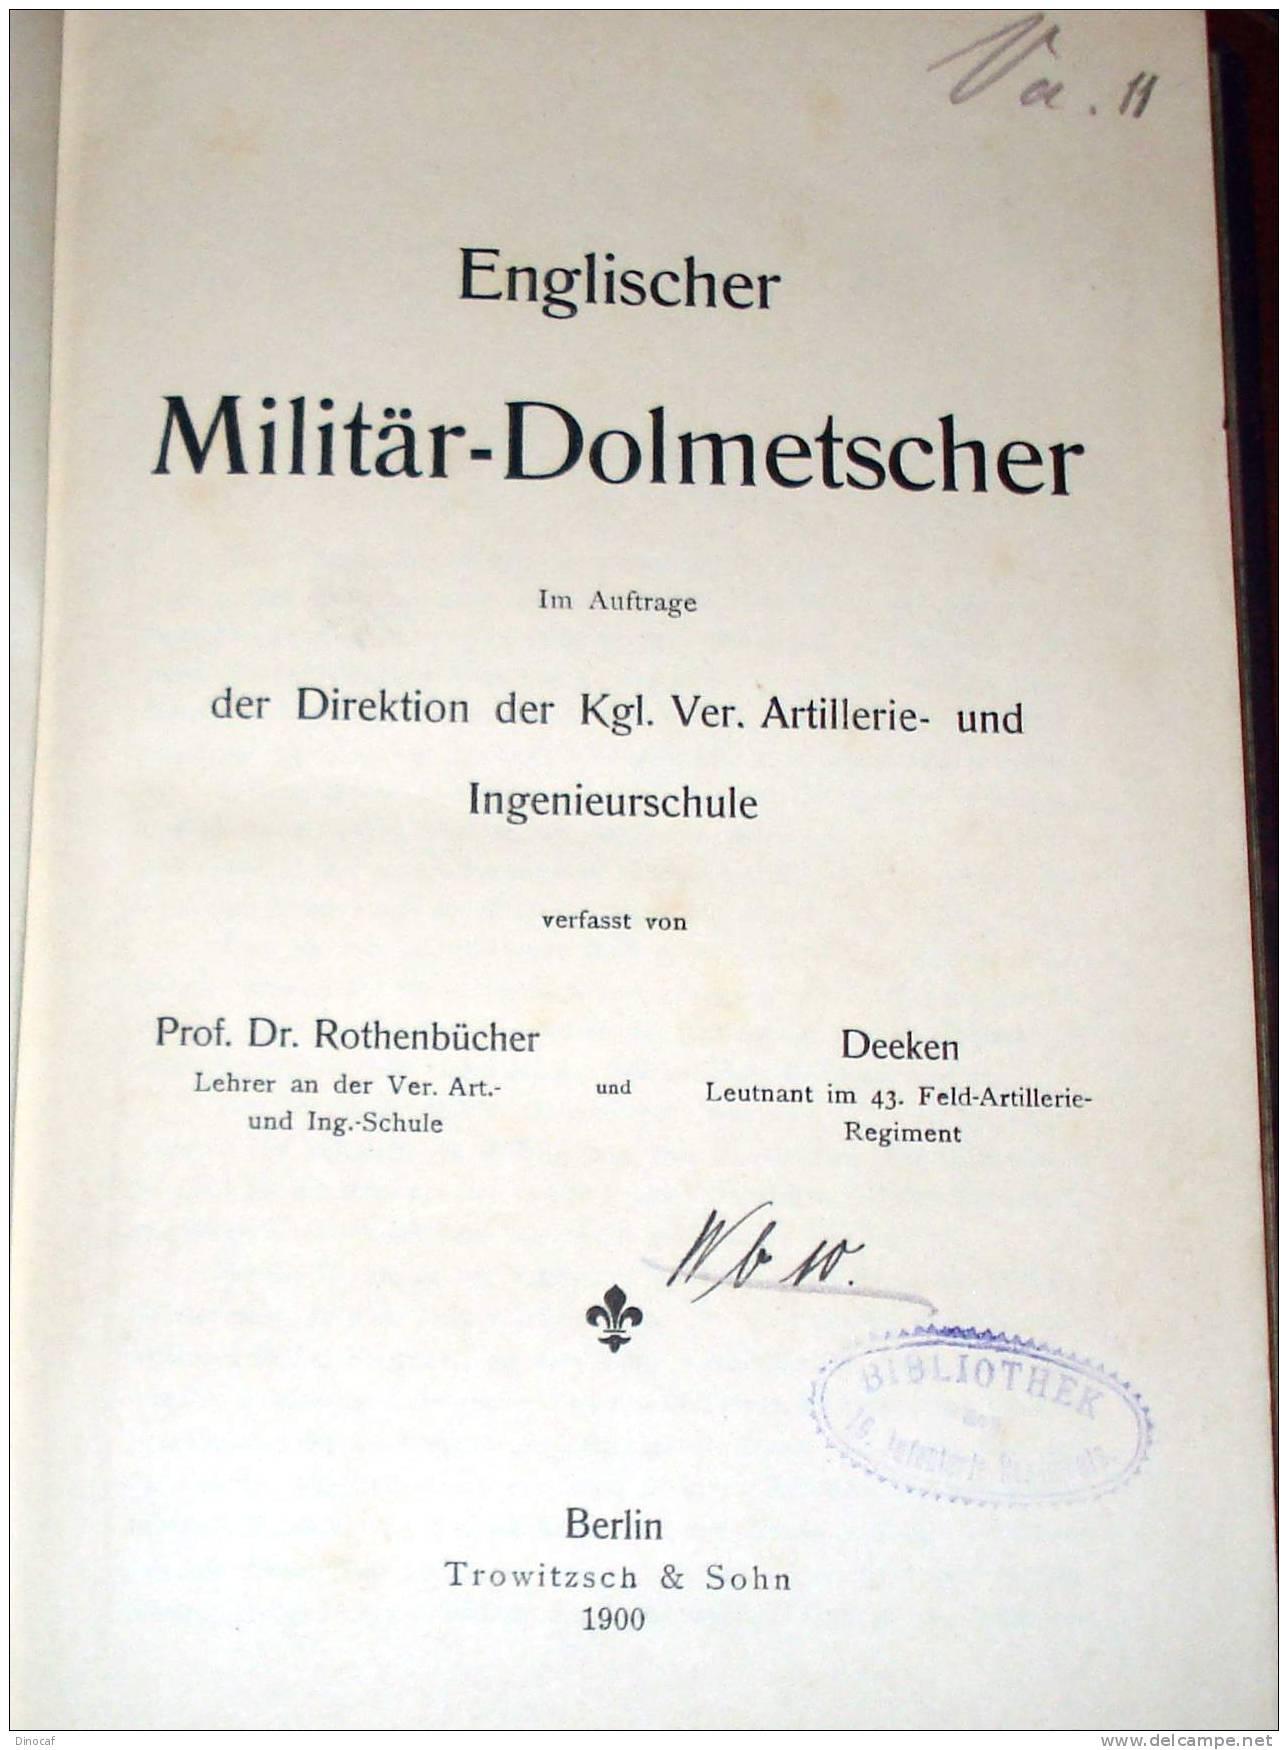 ENGLISCHER MILITÄR-DOLMETSCHER - BERLIN 1900 264 SEITEN (DT./ENGL.)  ORIGINAL, Militaria - Libri, Riviste, Fumetti